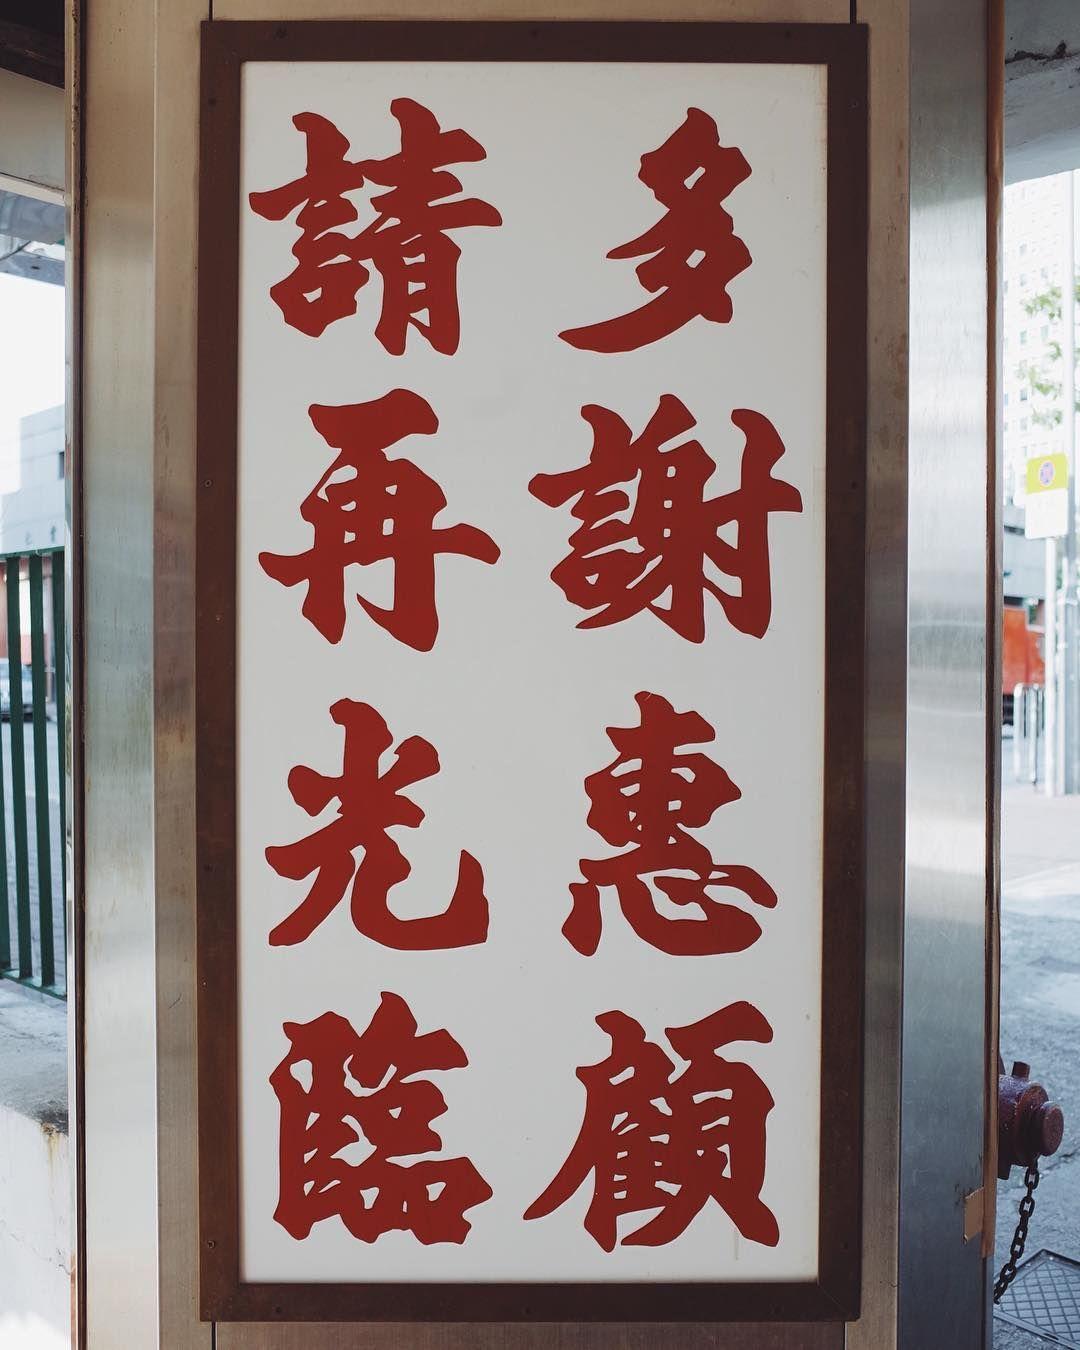 #北魏 #楷書 #香港字 #多謝惠顧 #請再光臨 #字 #書法 #書道 #招牌字 #vscocam #chinesecalligraphy #calligraphy #typo #typography #typographydesign #chinesecalligraphy #writing #書法 #字 #香港 #chinesetypo #chinesetypography